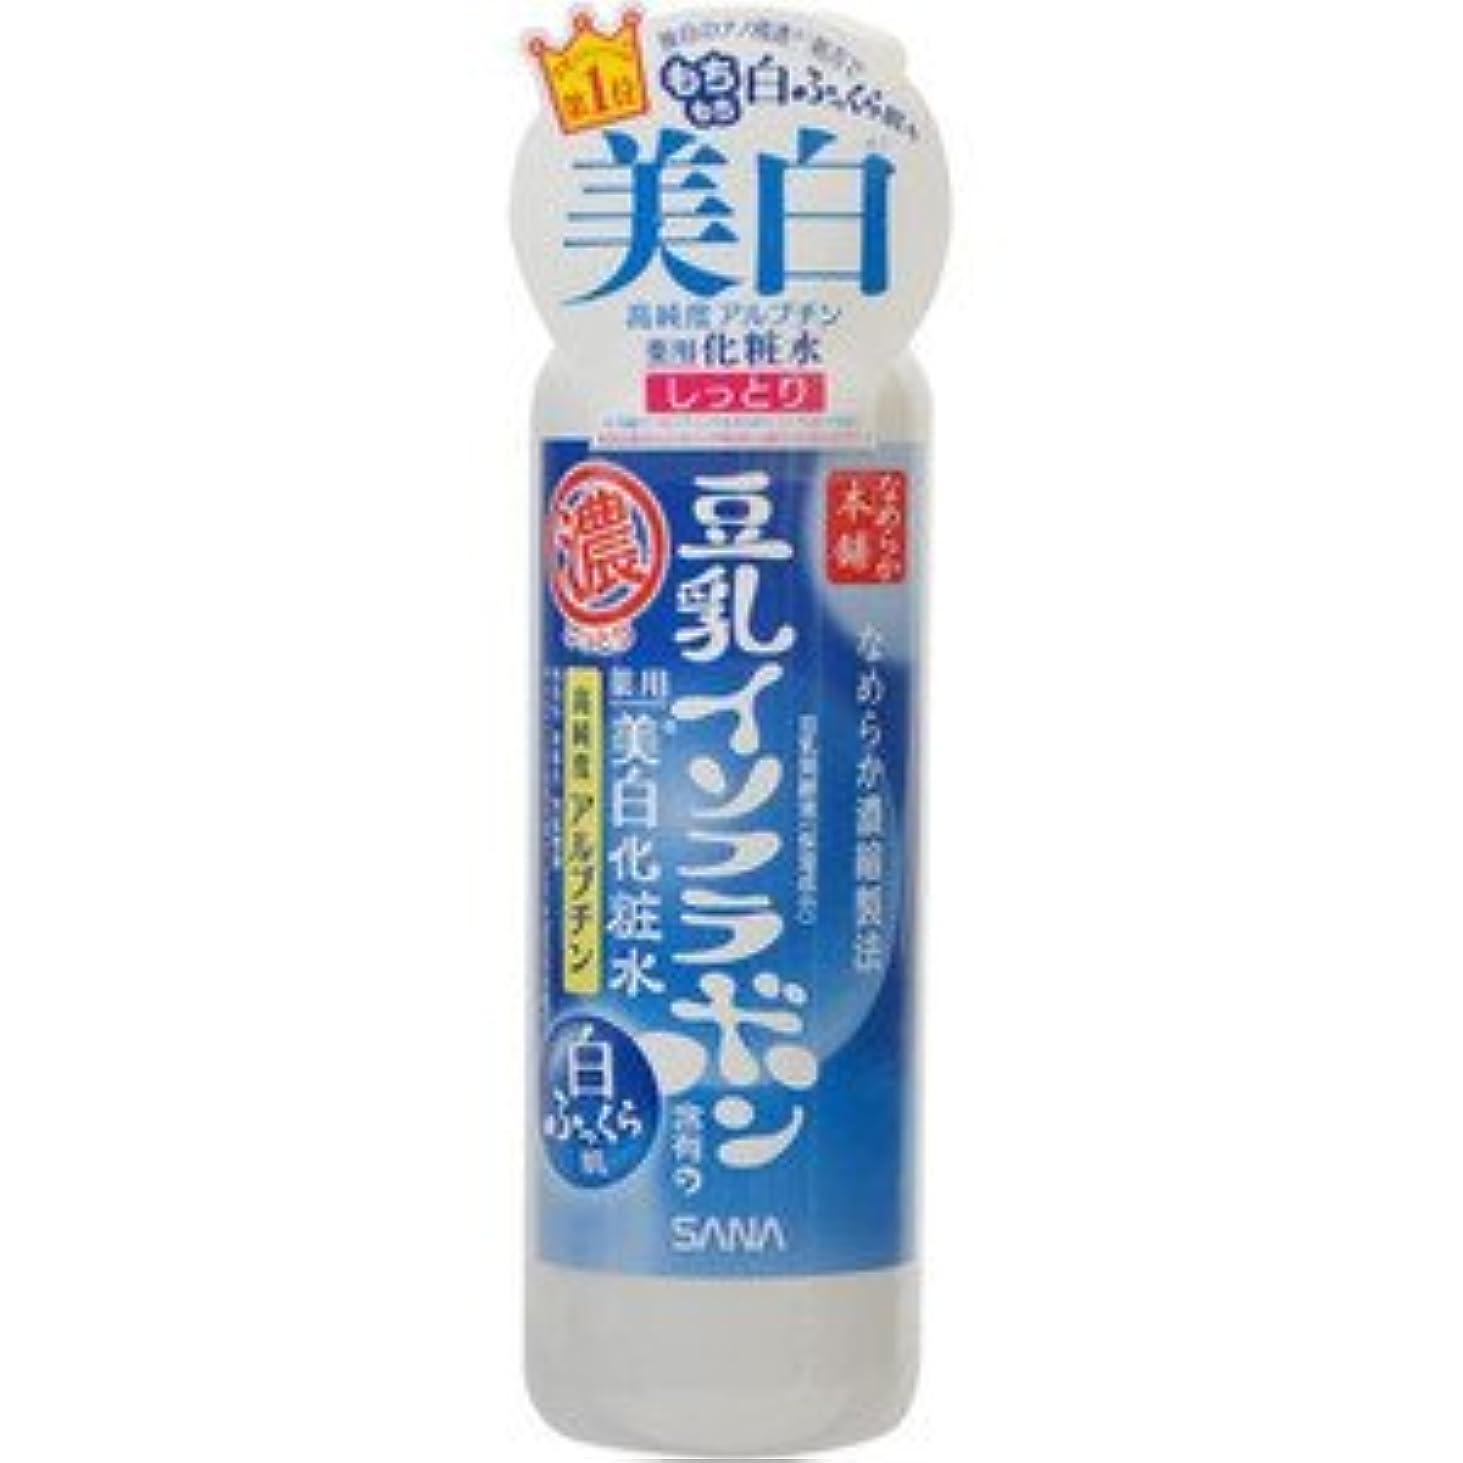 ひばり寄託ケニアサナ なめらか本舗 薬用美白しっとり化粧水 × 3個セット